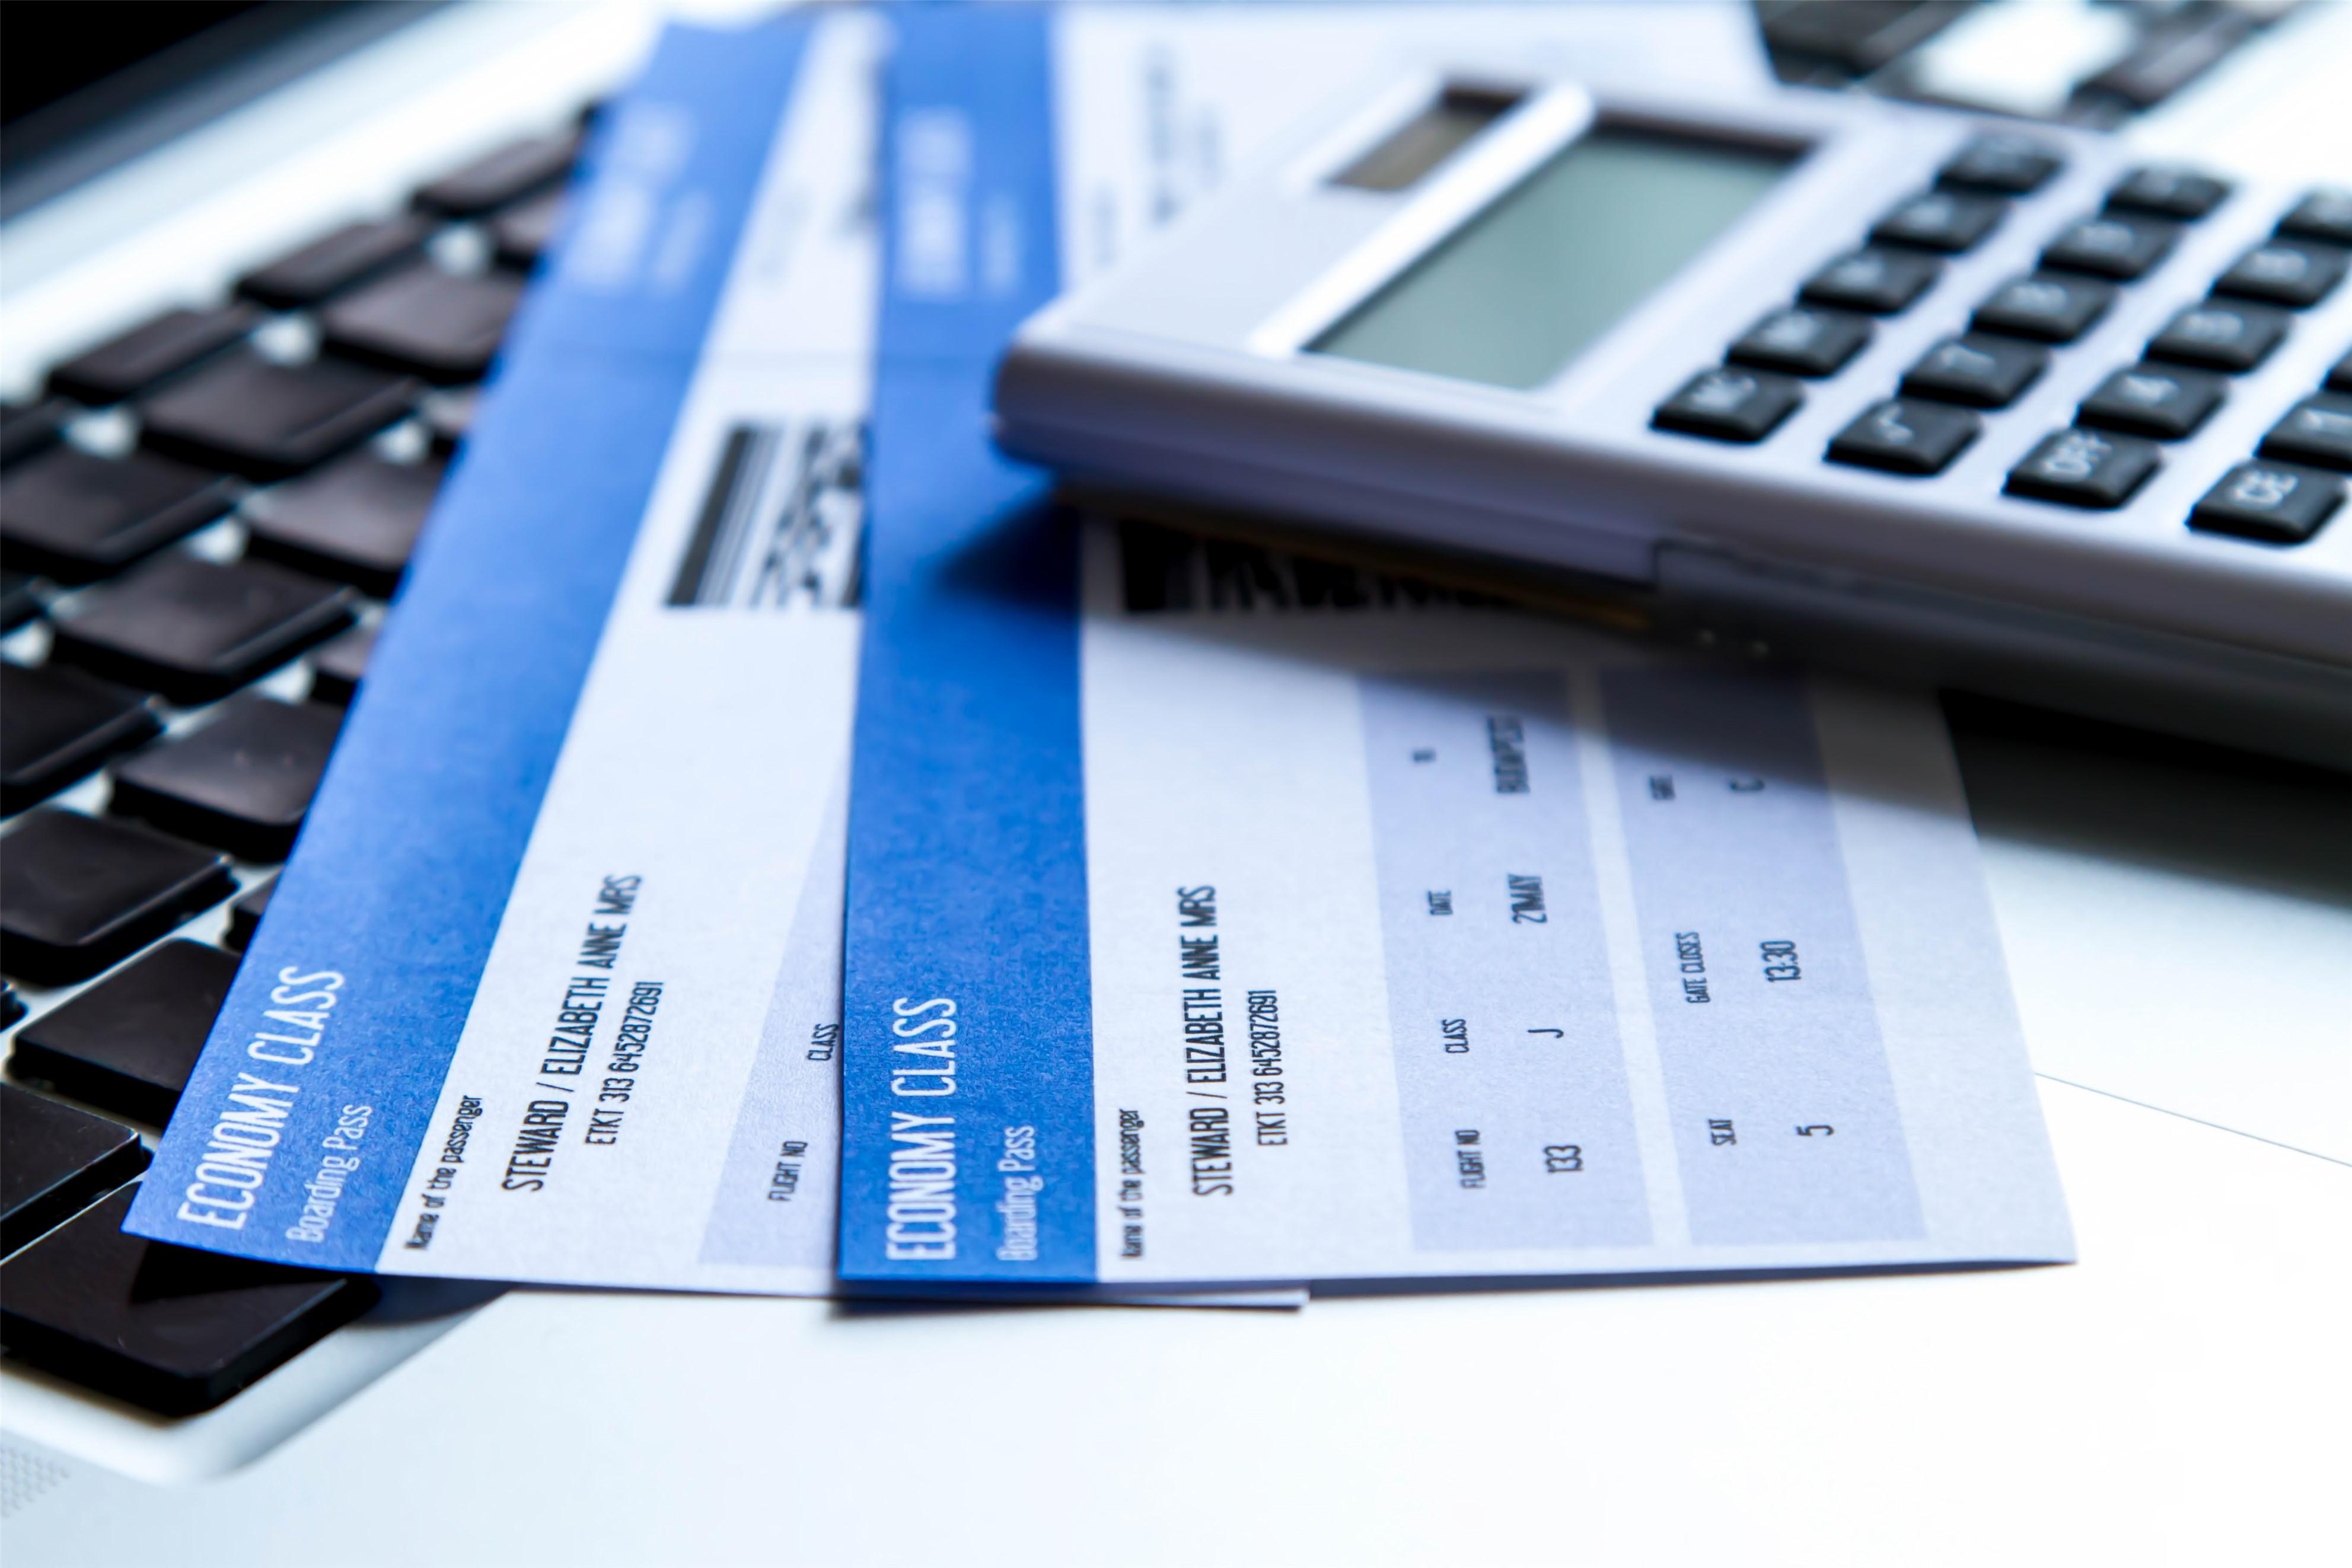 被退票费后要去举报,燃金融将为大伙儿揭密机票